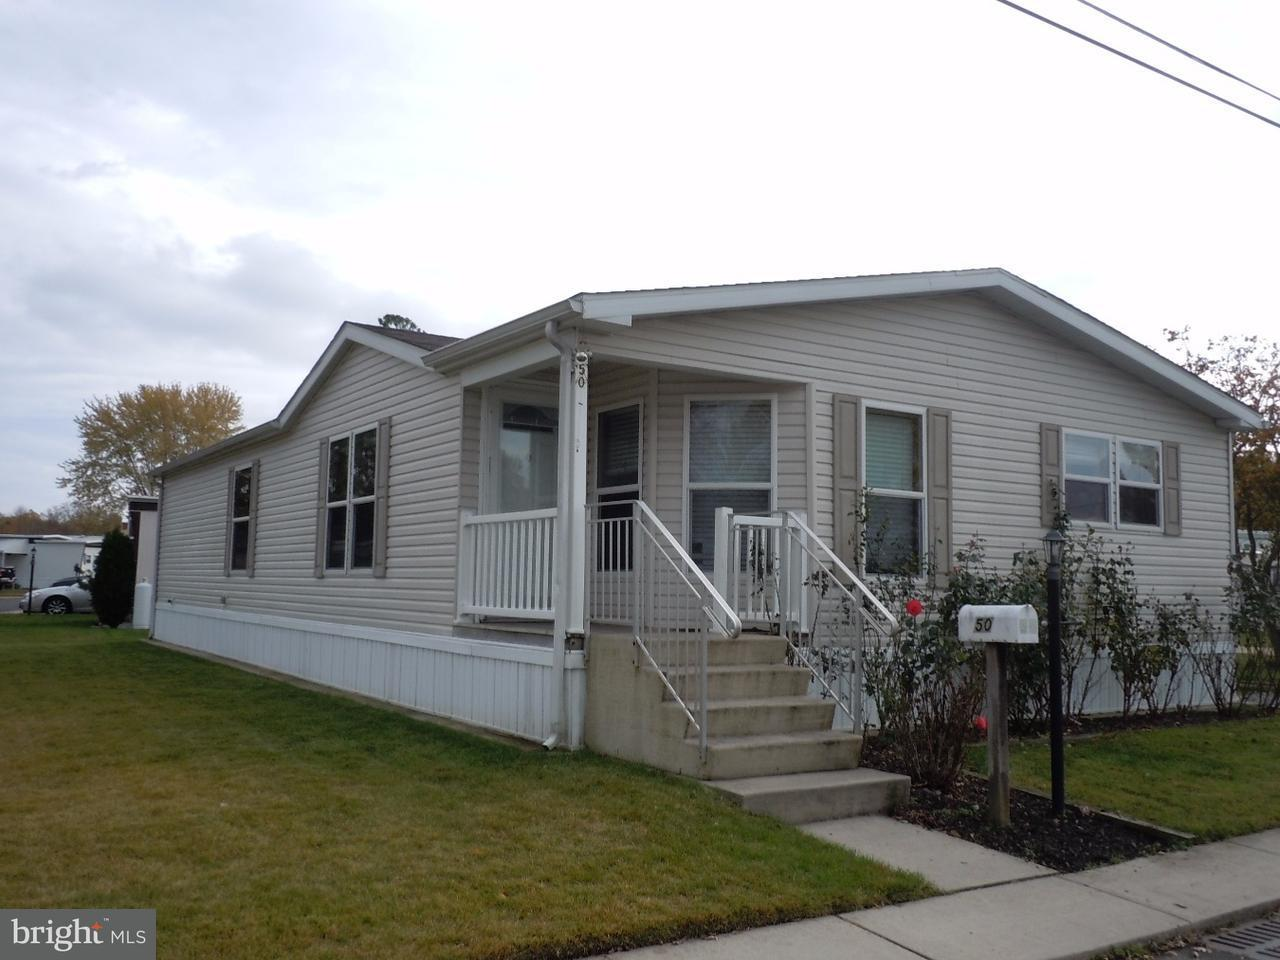 移动之家 为 销售 在 50 ESTATE Road Southampton, 新泽西州 08088 美国